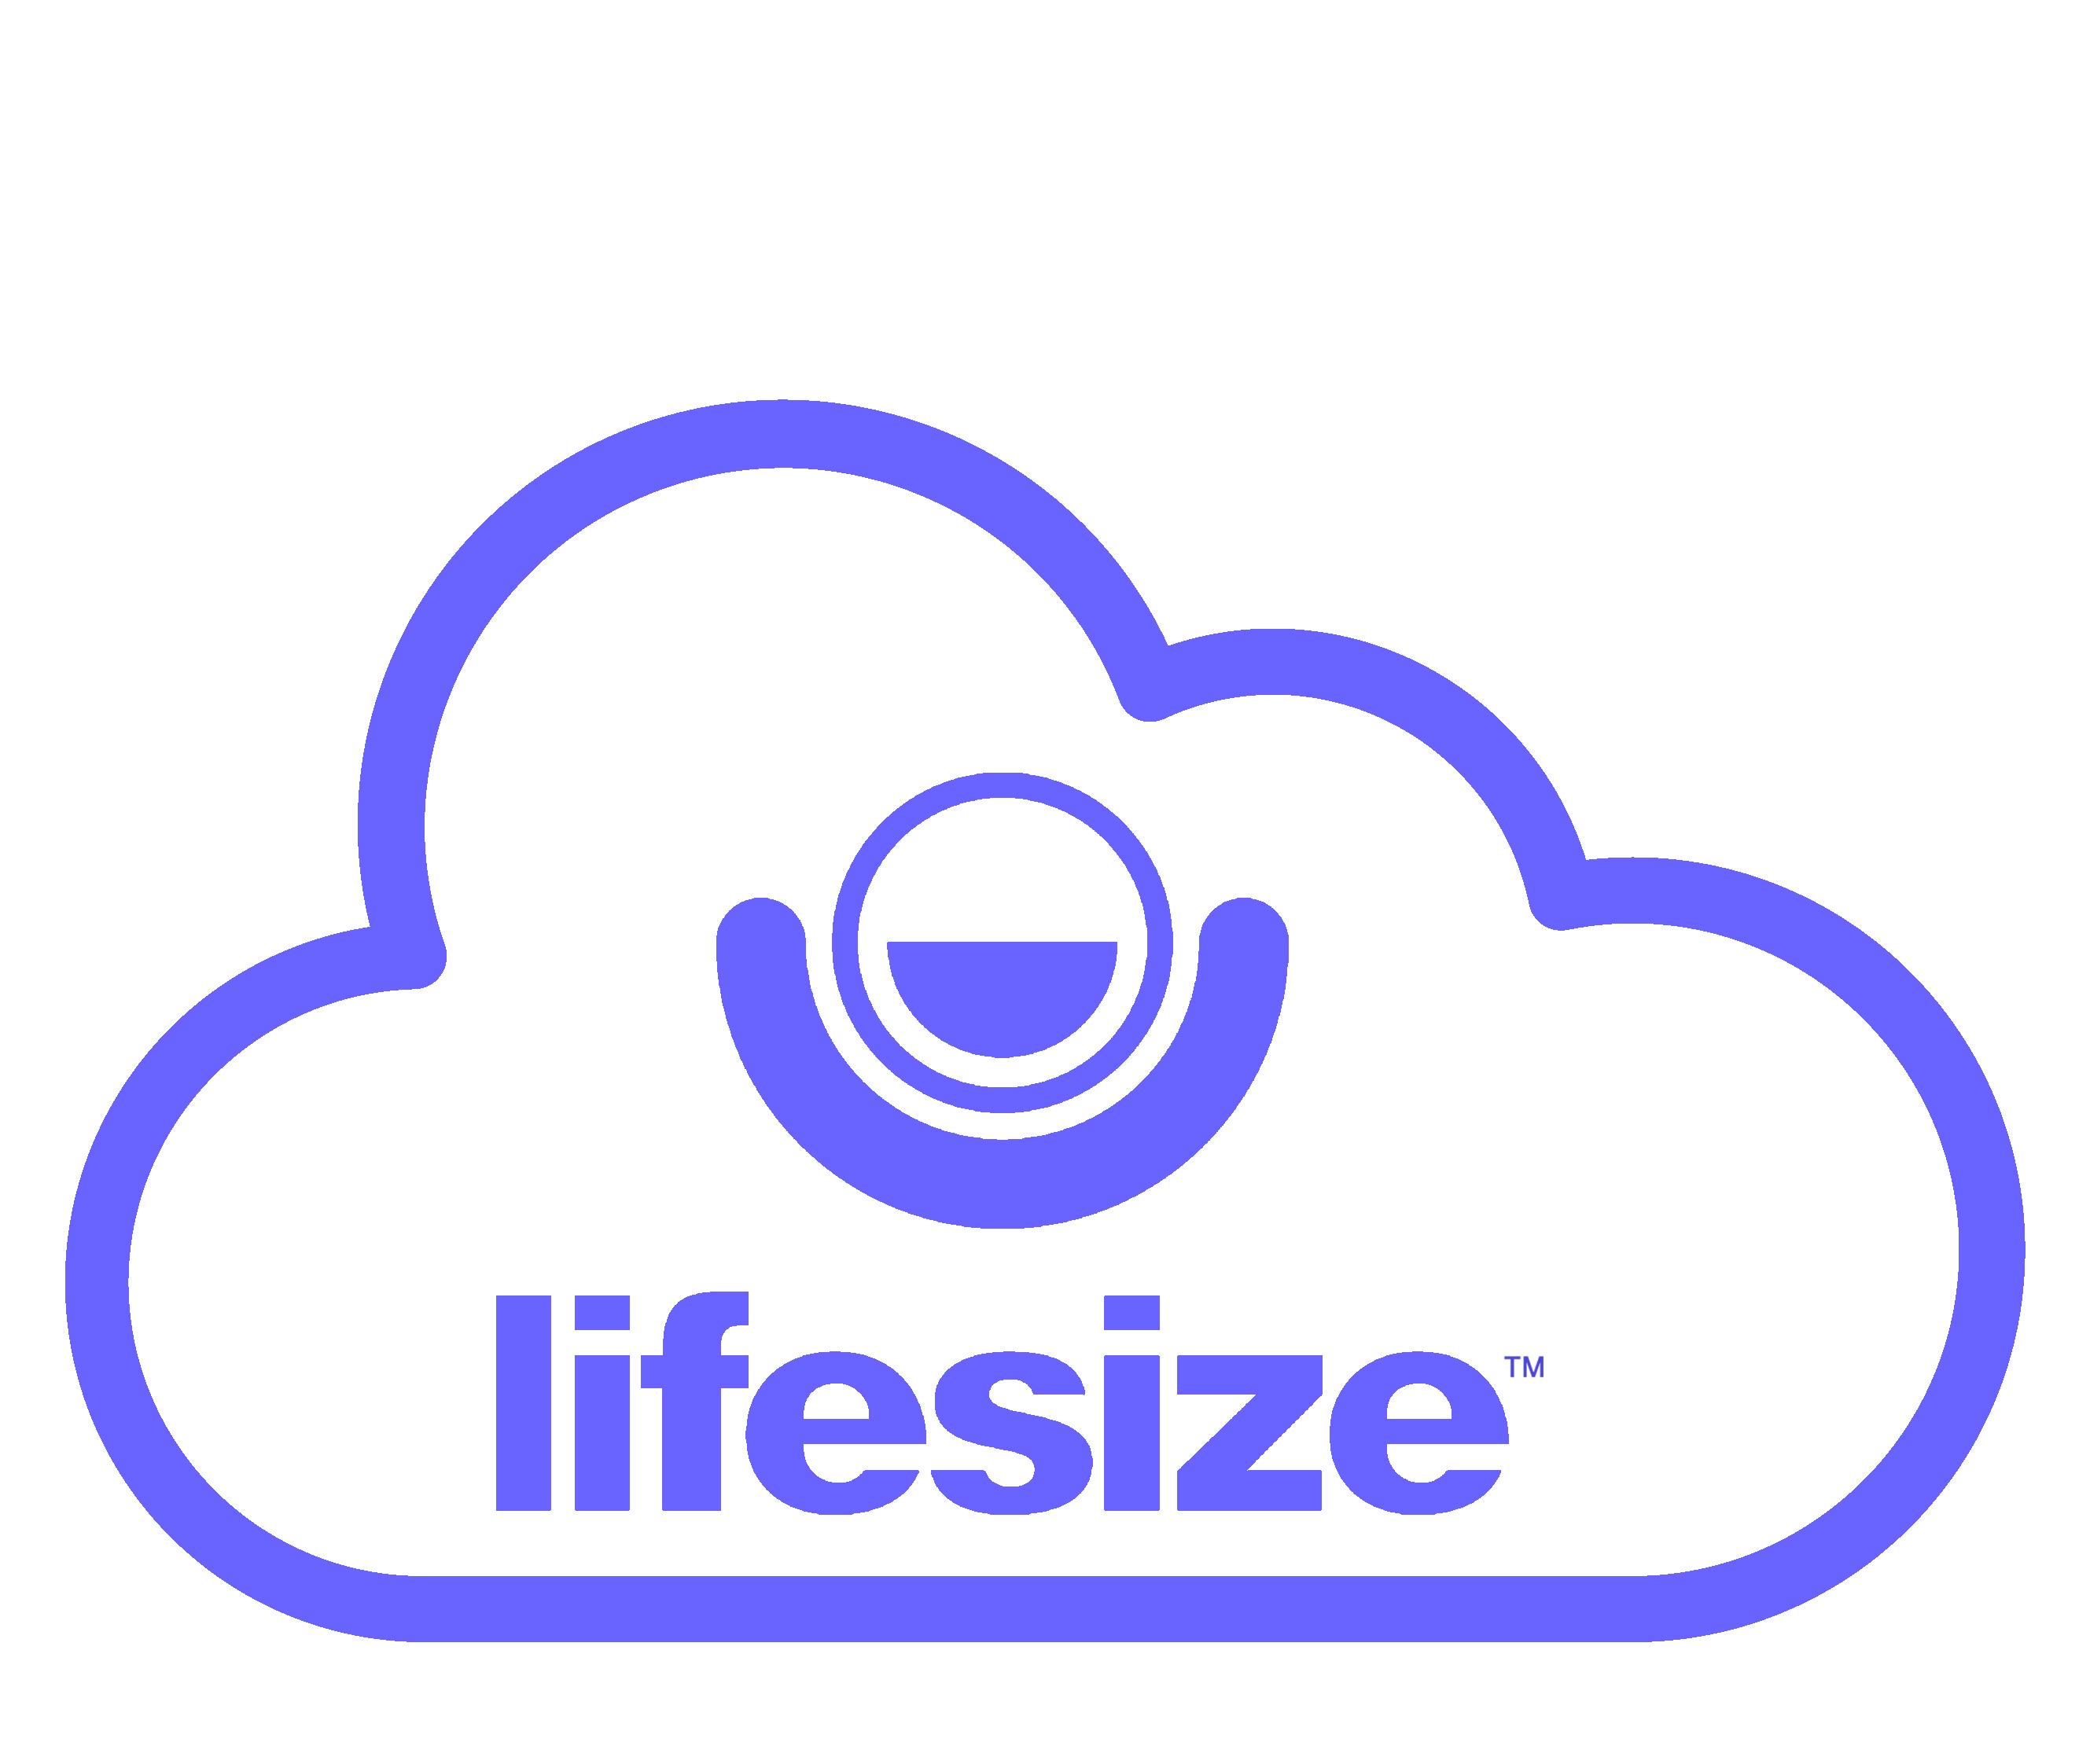 LIFESIZE Lifesize Medium Account - Abonnement de visioconférence Cloud